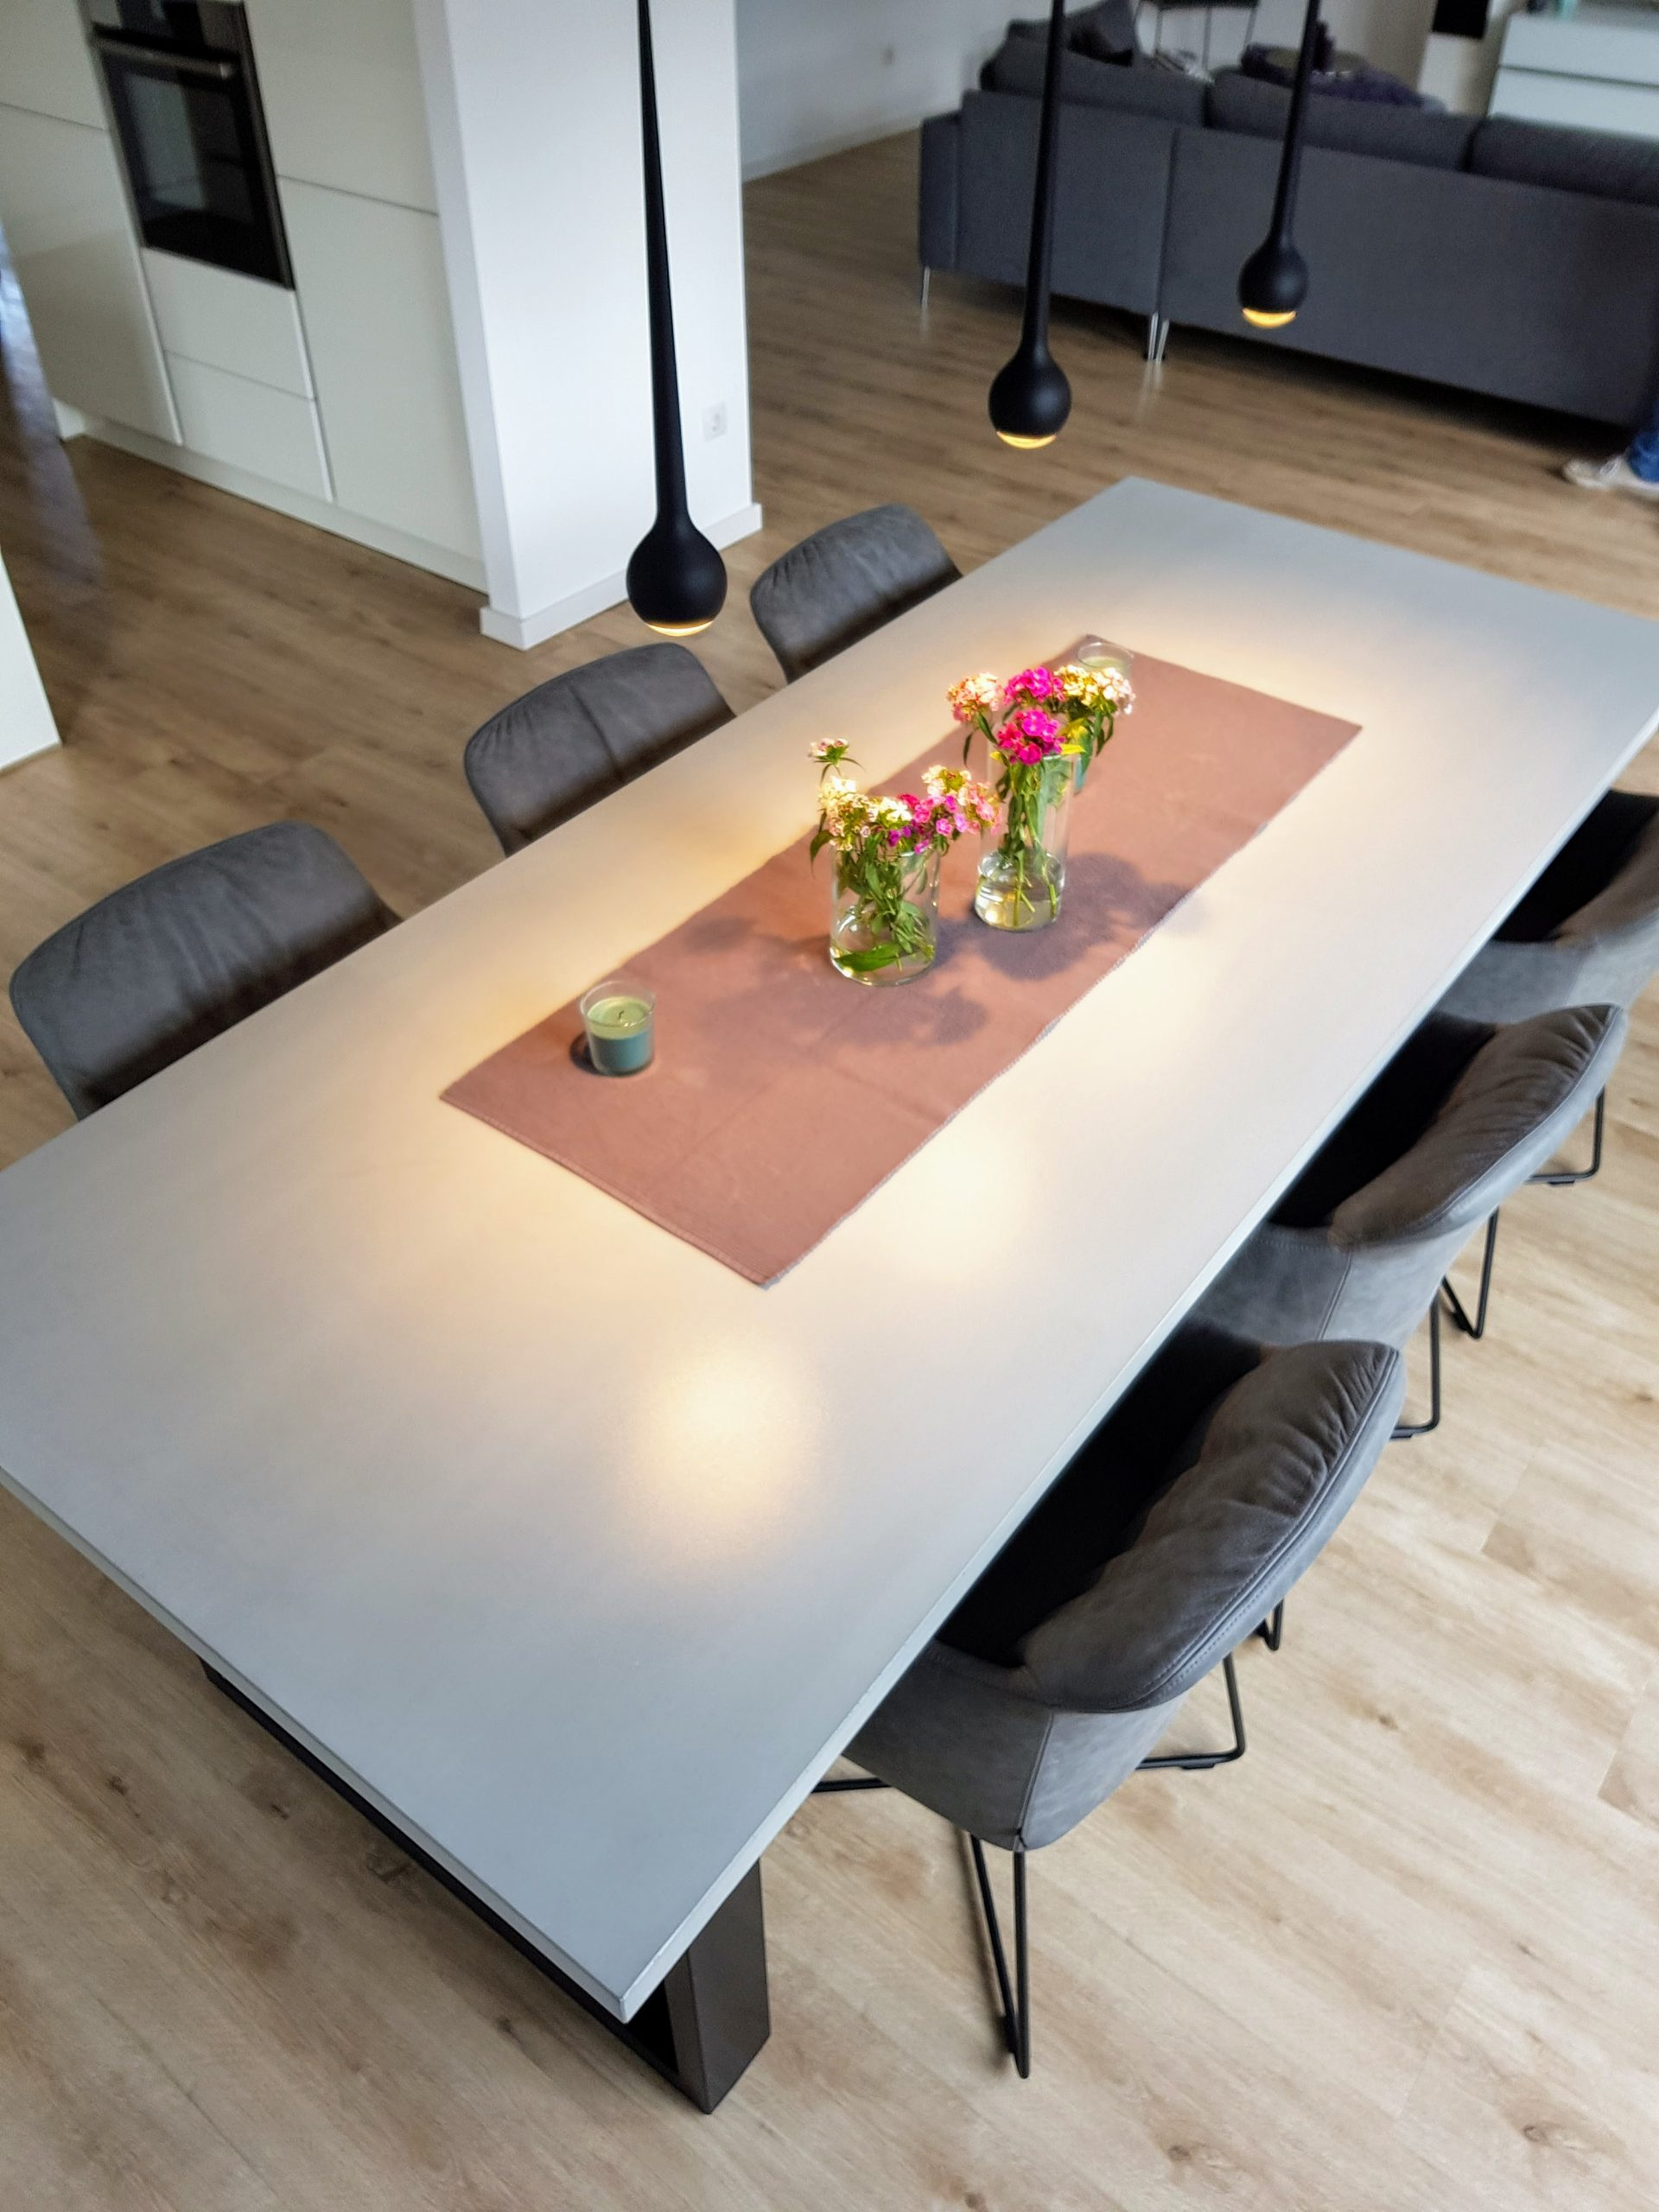 esstisch baumplatte finest boone esstisch betongrau with esstisch baumplatte perfect beton. Black Bedroom Furniture Sets. Home Design Ideas